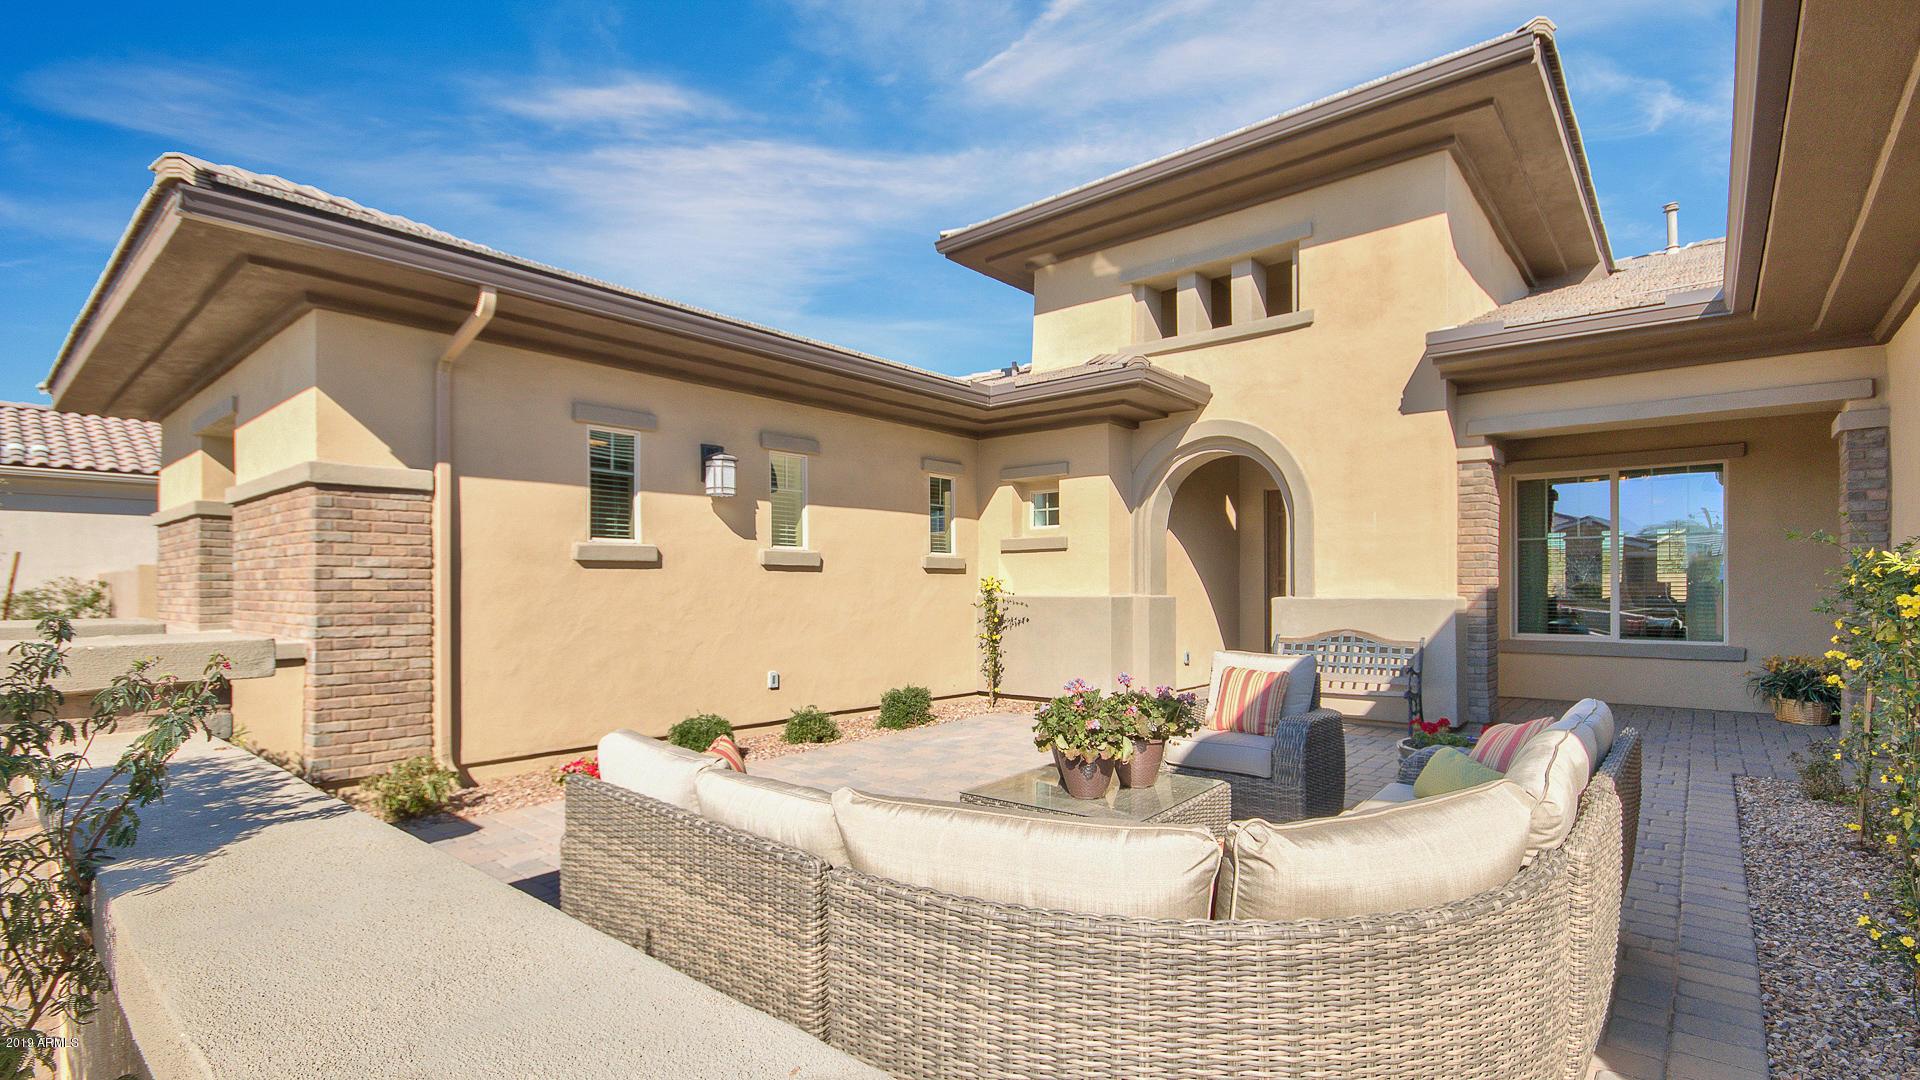 MLS 5876213 2102 E MEAD Drive, Gilbert, AZ 85298 Gilbert AZ Newly Built